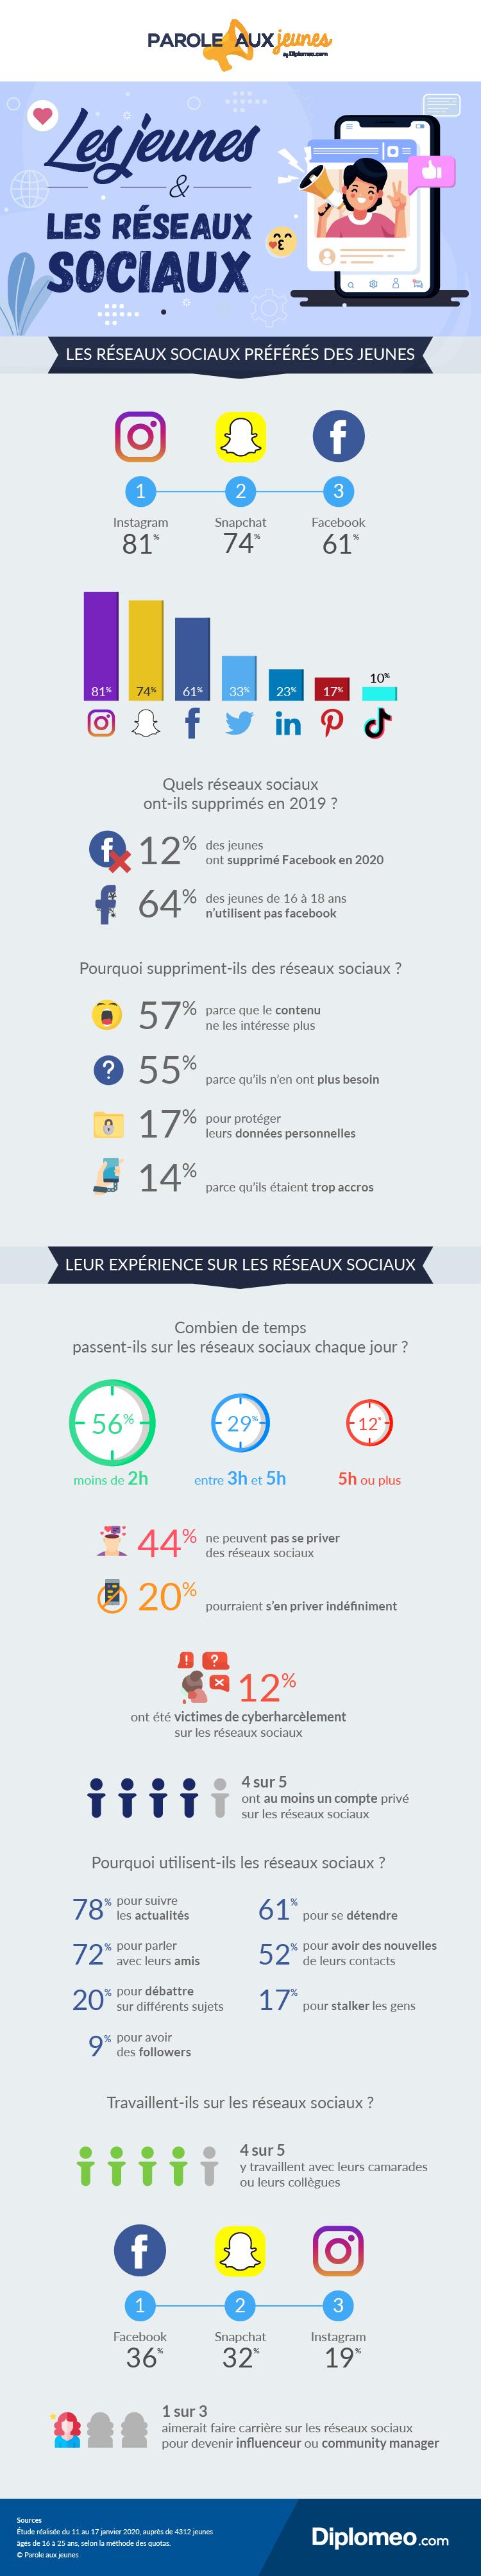 infographie-reseaux-sociaux_Diplomeo_Hivency Le Blog